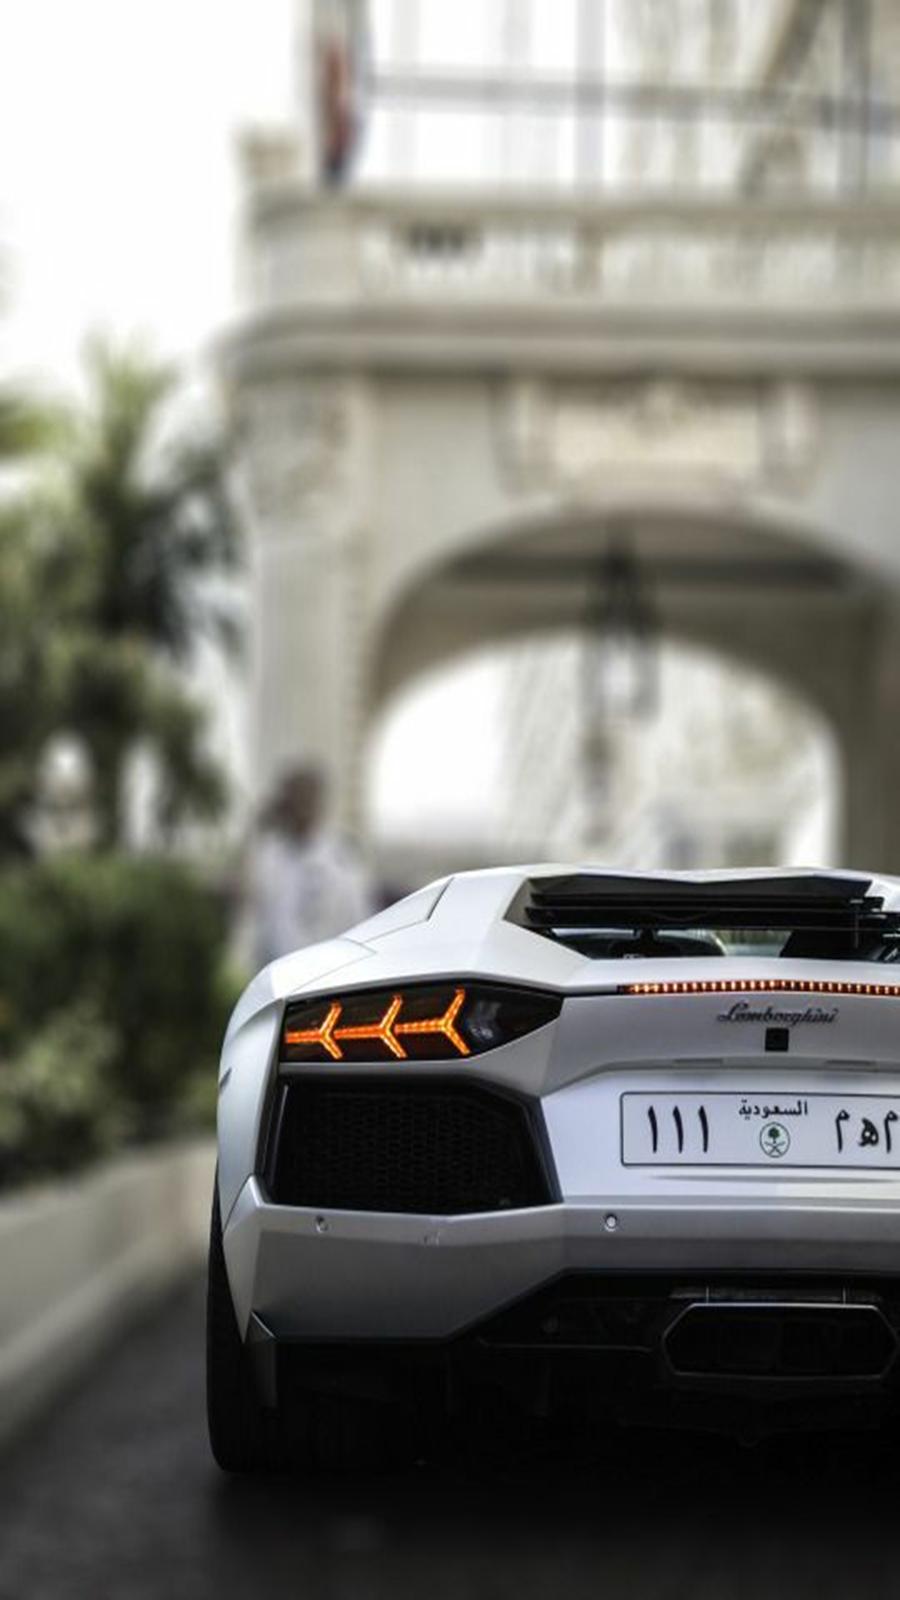 Lamborghini Wallpapers Free Download